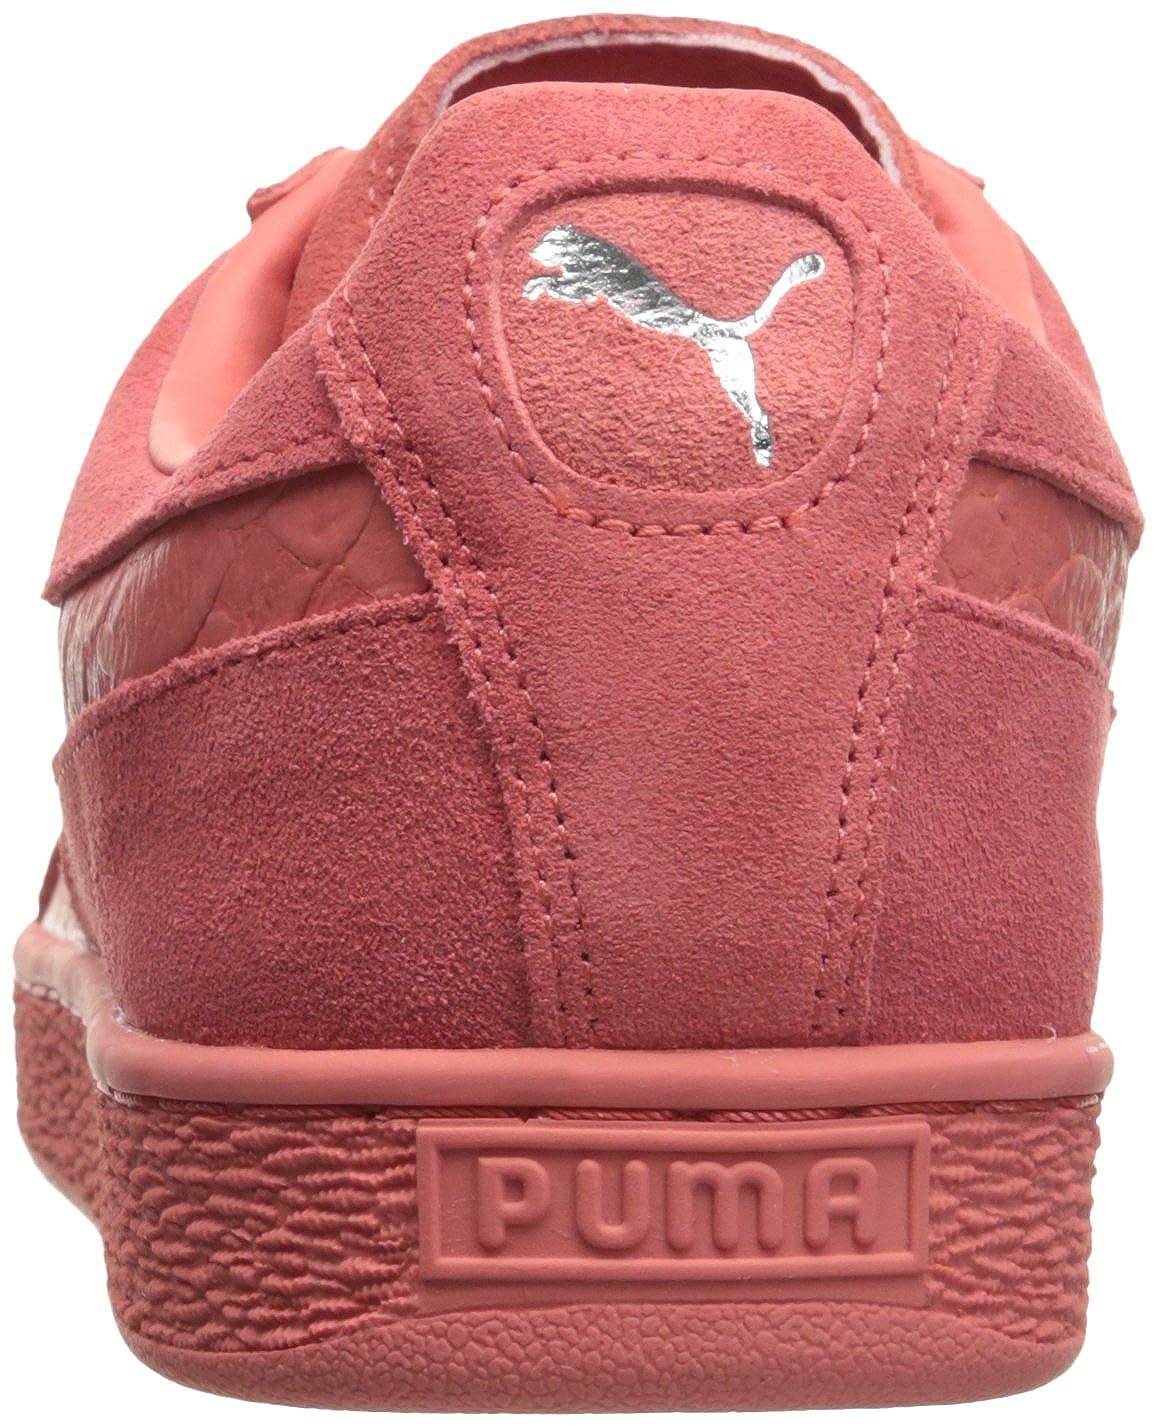 Fashion Mono Suede Puma Reptile Classic Men's ARjq53L4c